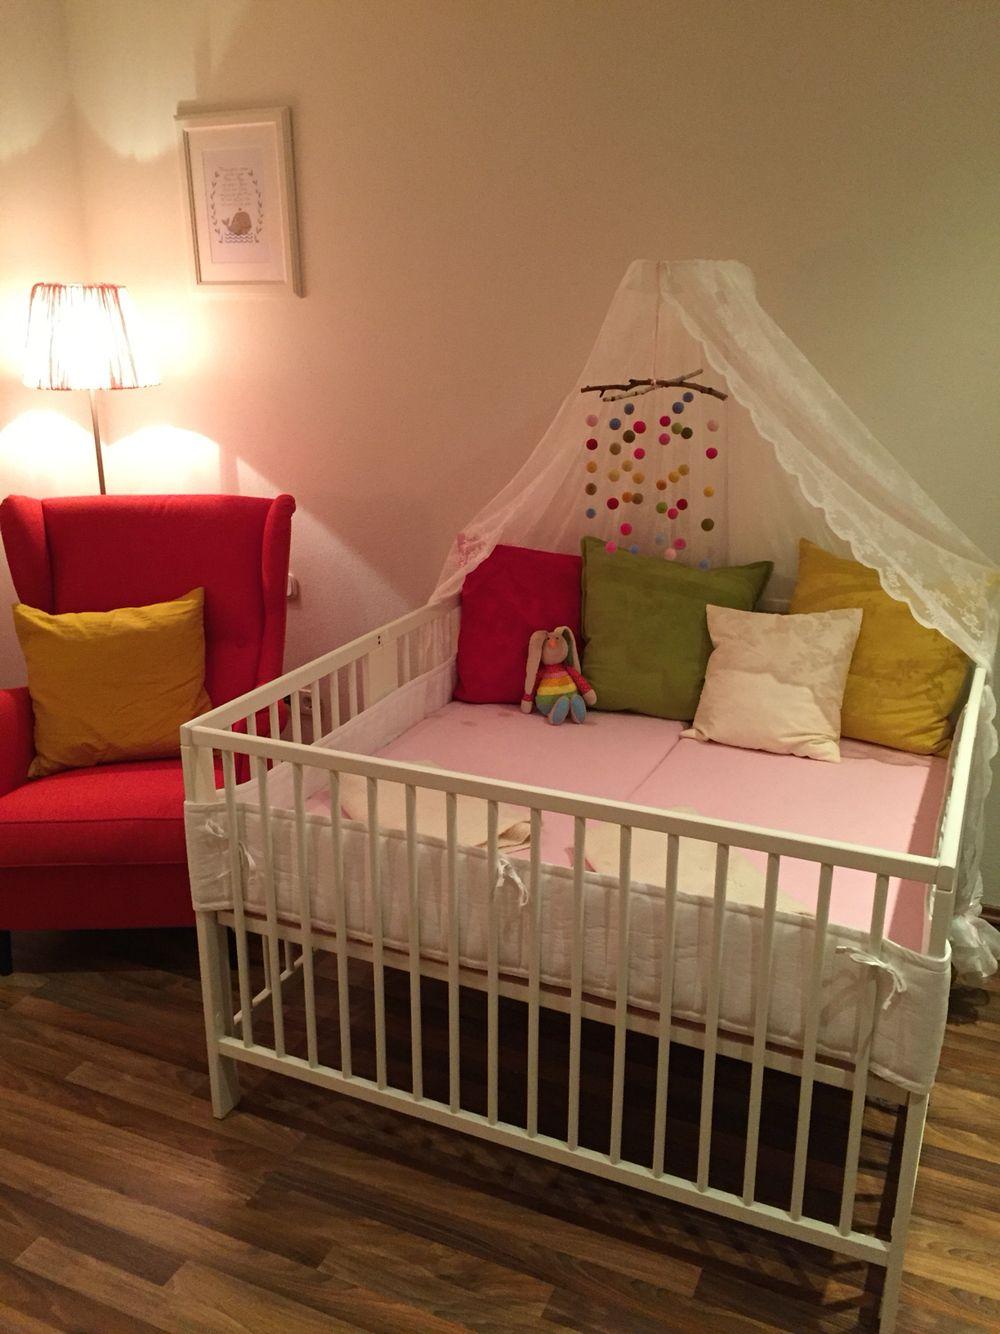 Aus Zwei Ikea Gulliver Wird Ein Bett Fur Die Zwillinge Zwillinge Babyzimmer Zwillinge Zimmer Ikea Babybett